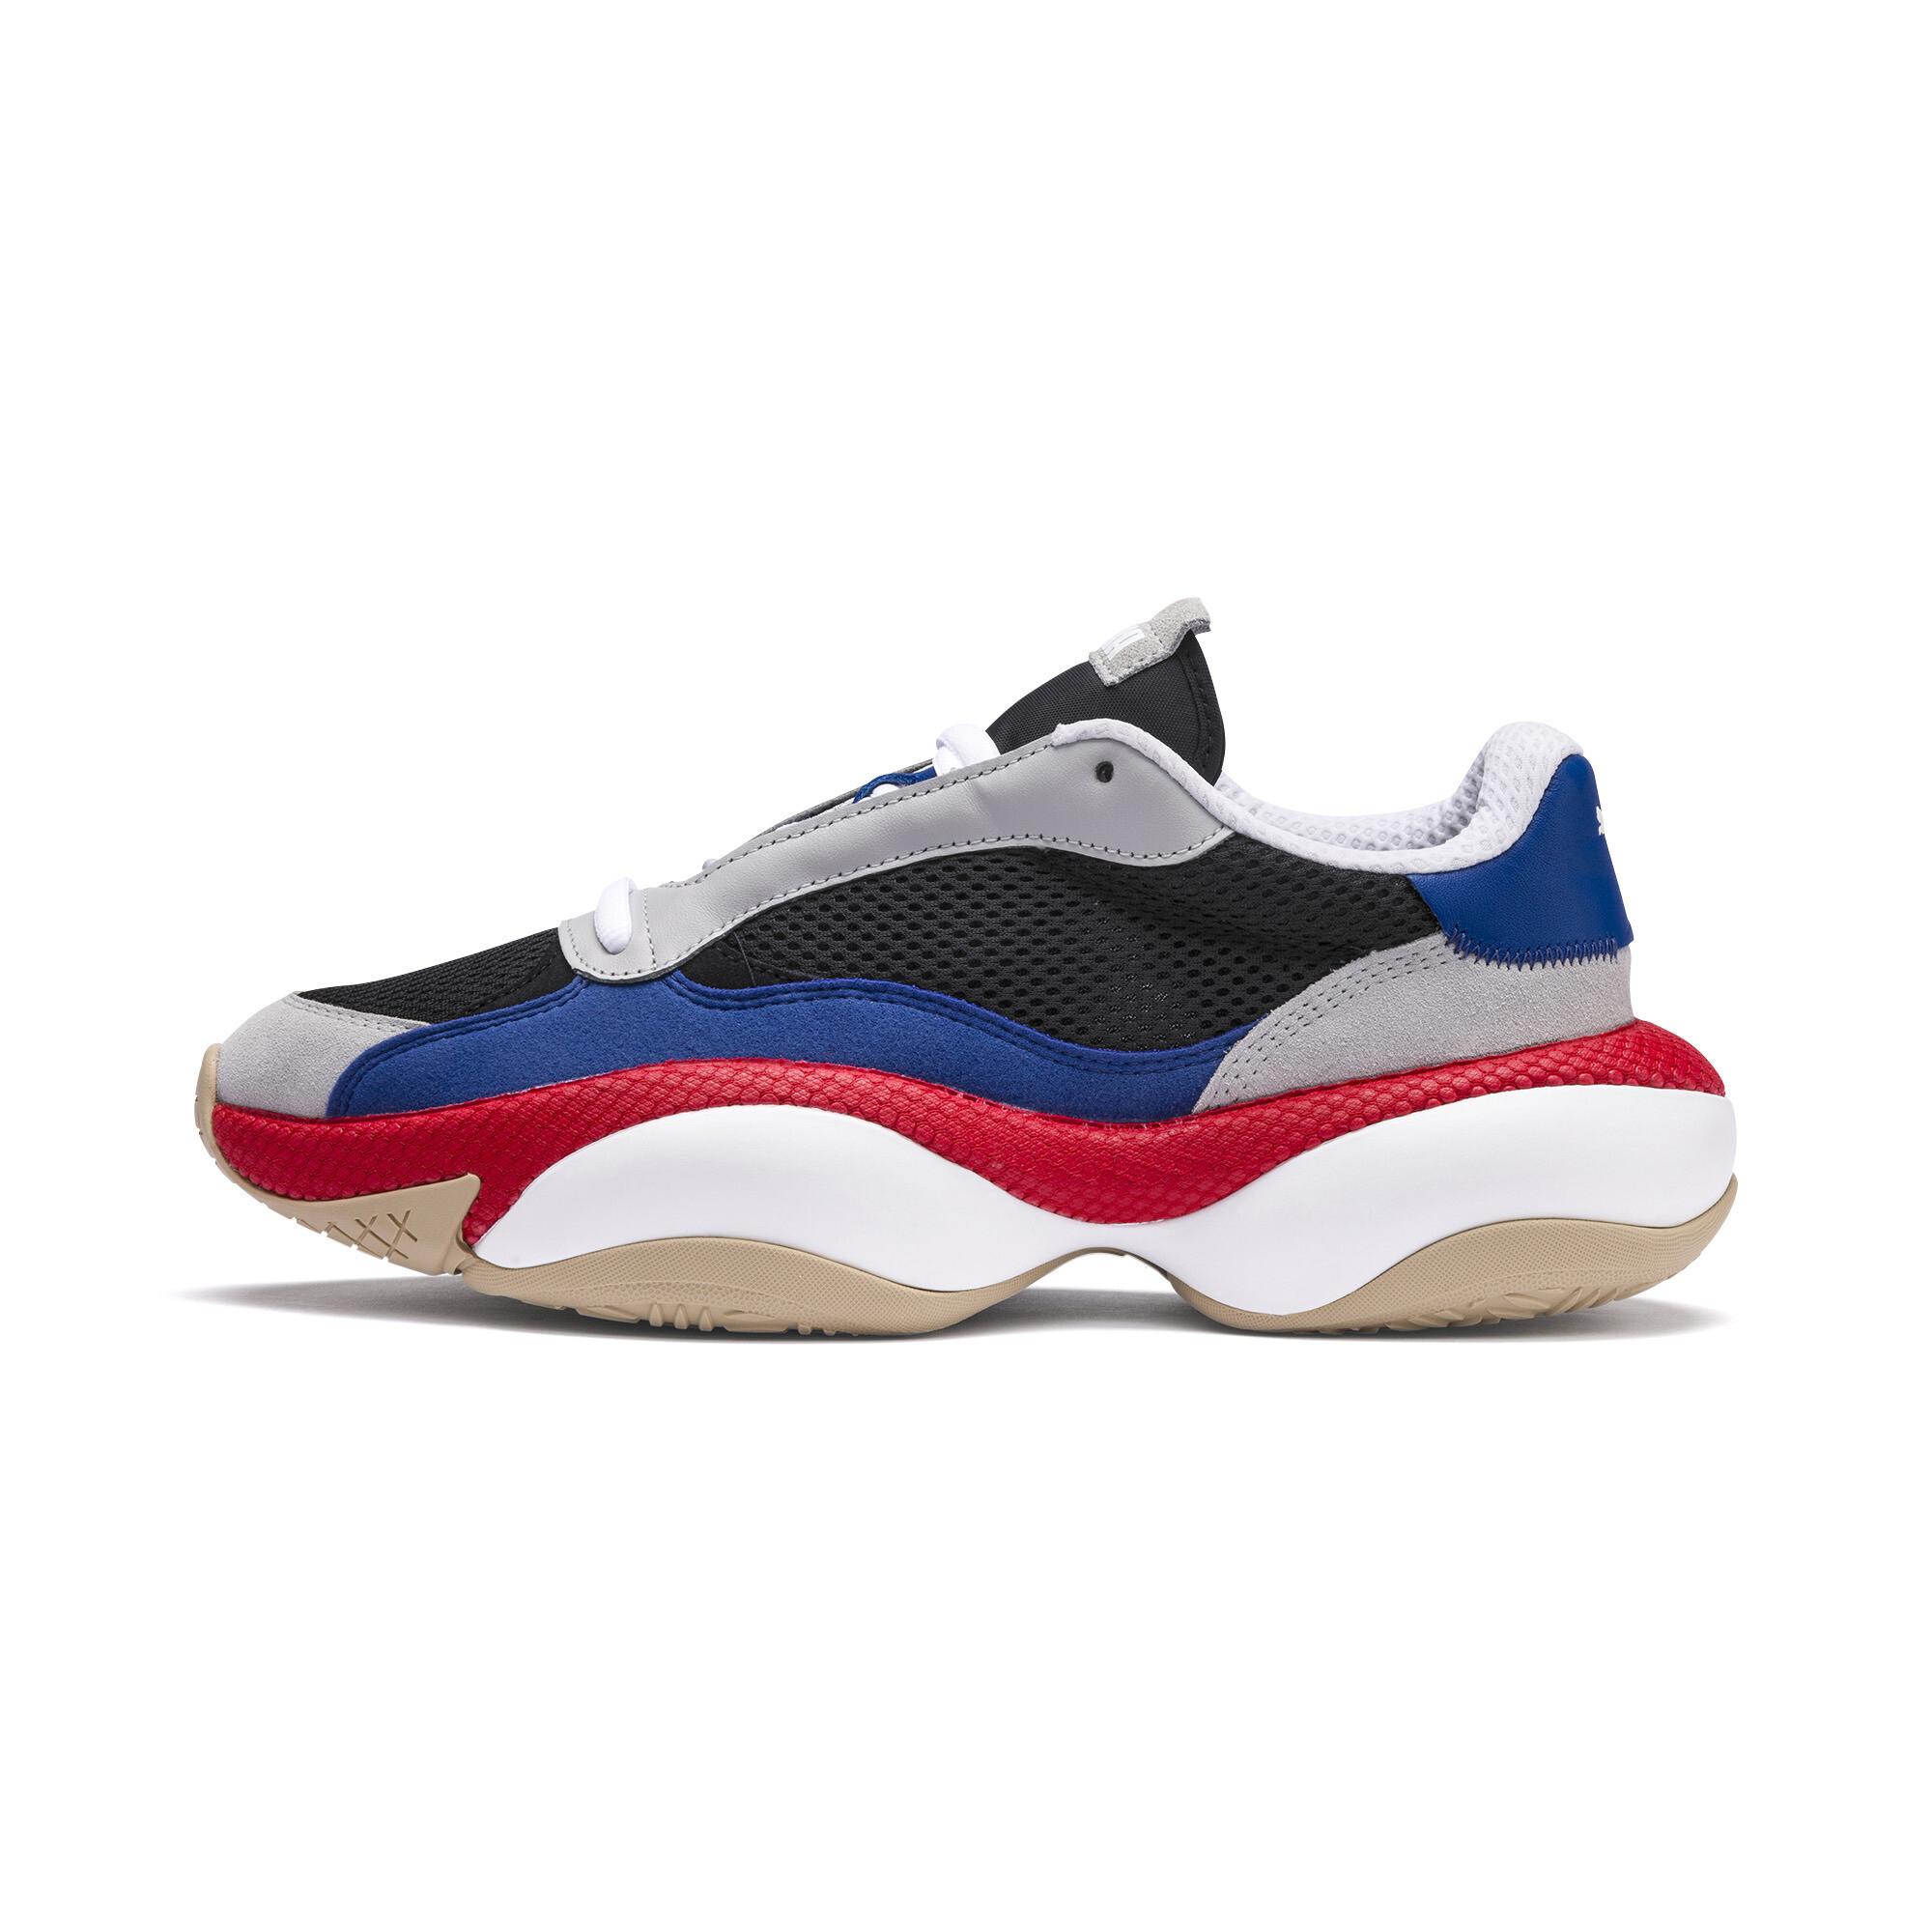 PUMA-Alteration-Kurve-Sneakers-Unisex-Shoe thumbnail 4